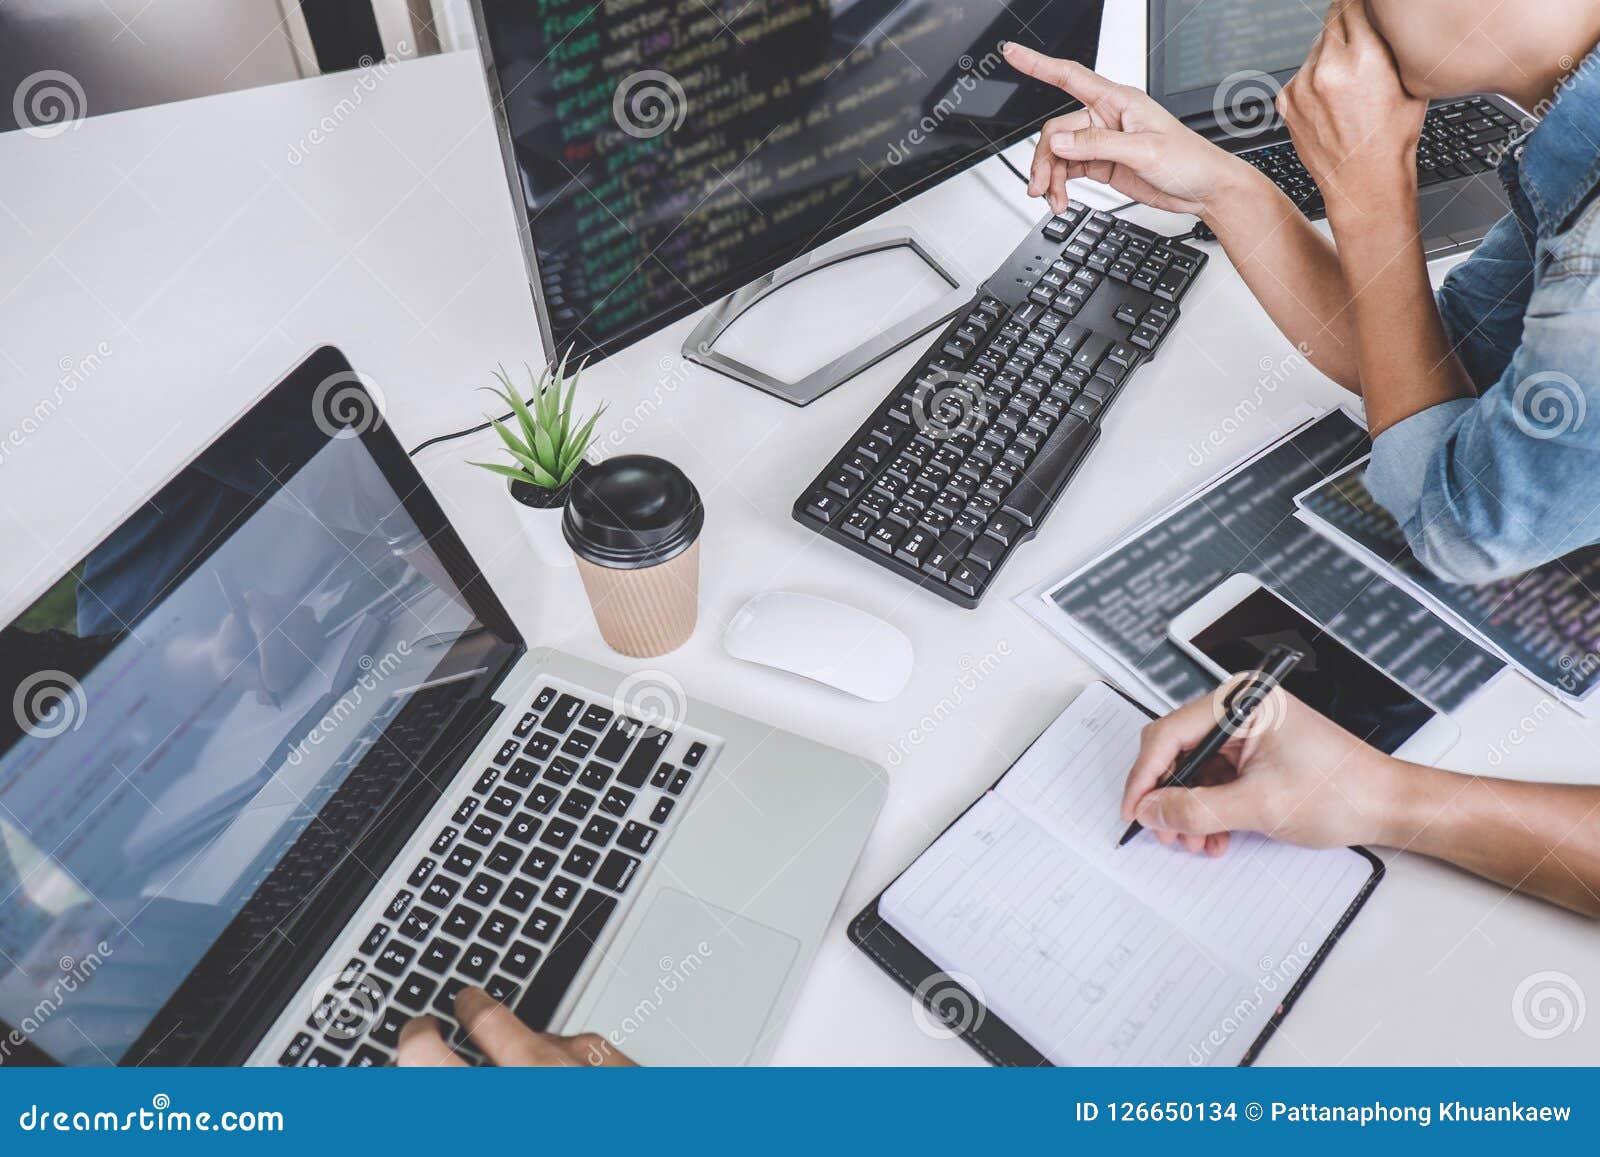 Τεχνολογία κώδικα κωδίκων γραψίματος και στοιχείων δακτυλογράφησης, βαρελοποιός προγραμματιστών